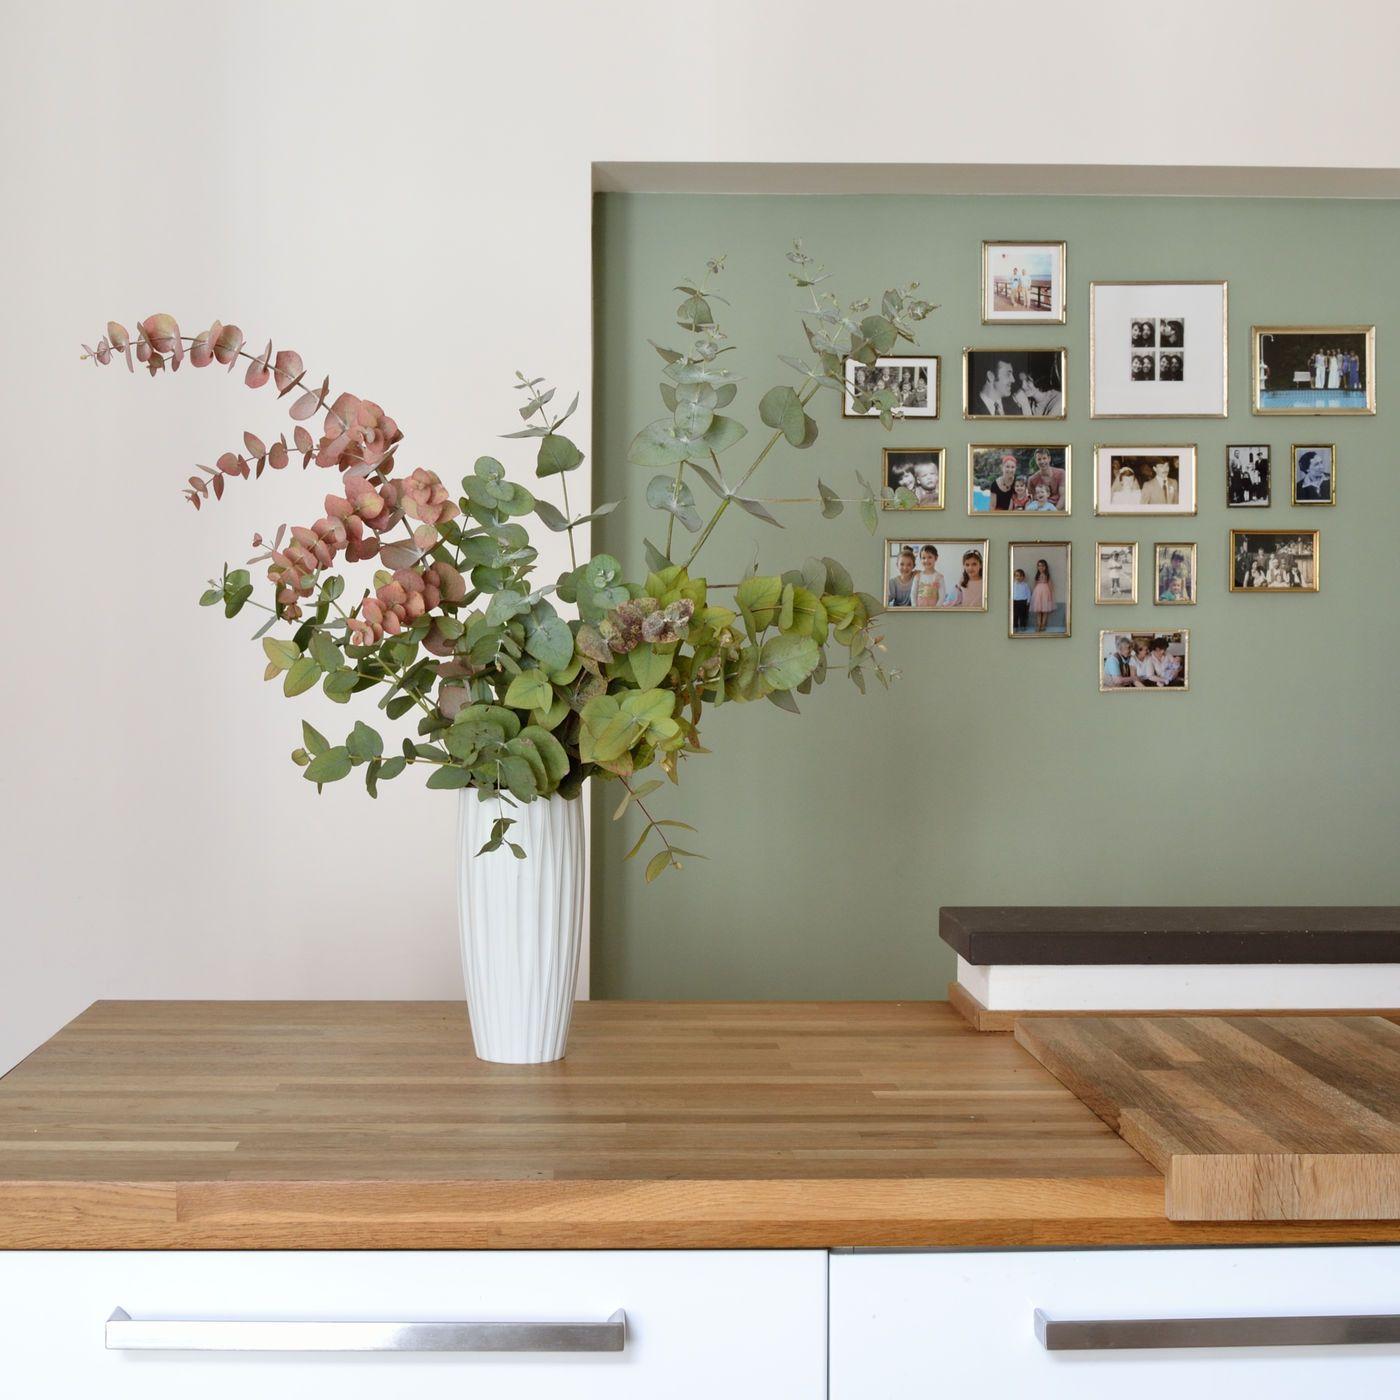 Full Size of Schne Ideen Fr Wandfarbe In Der Kche Weisse Landhausküche Weiß Grau Moderne Gebraucht Wohnzimmer Landhausküche Wandfarbe